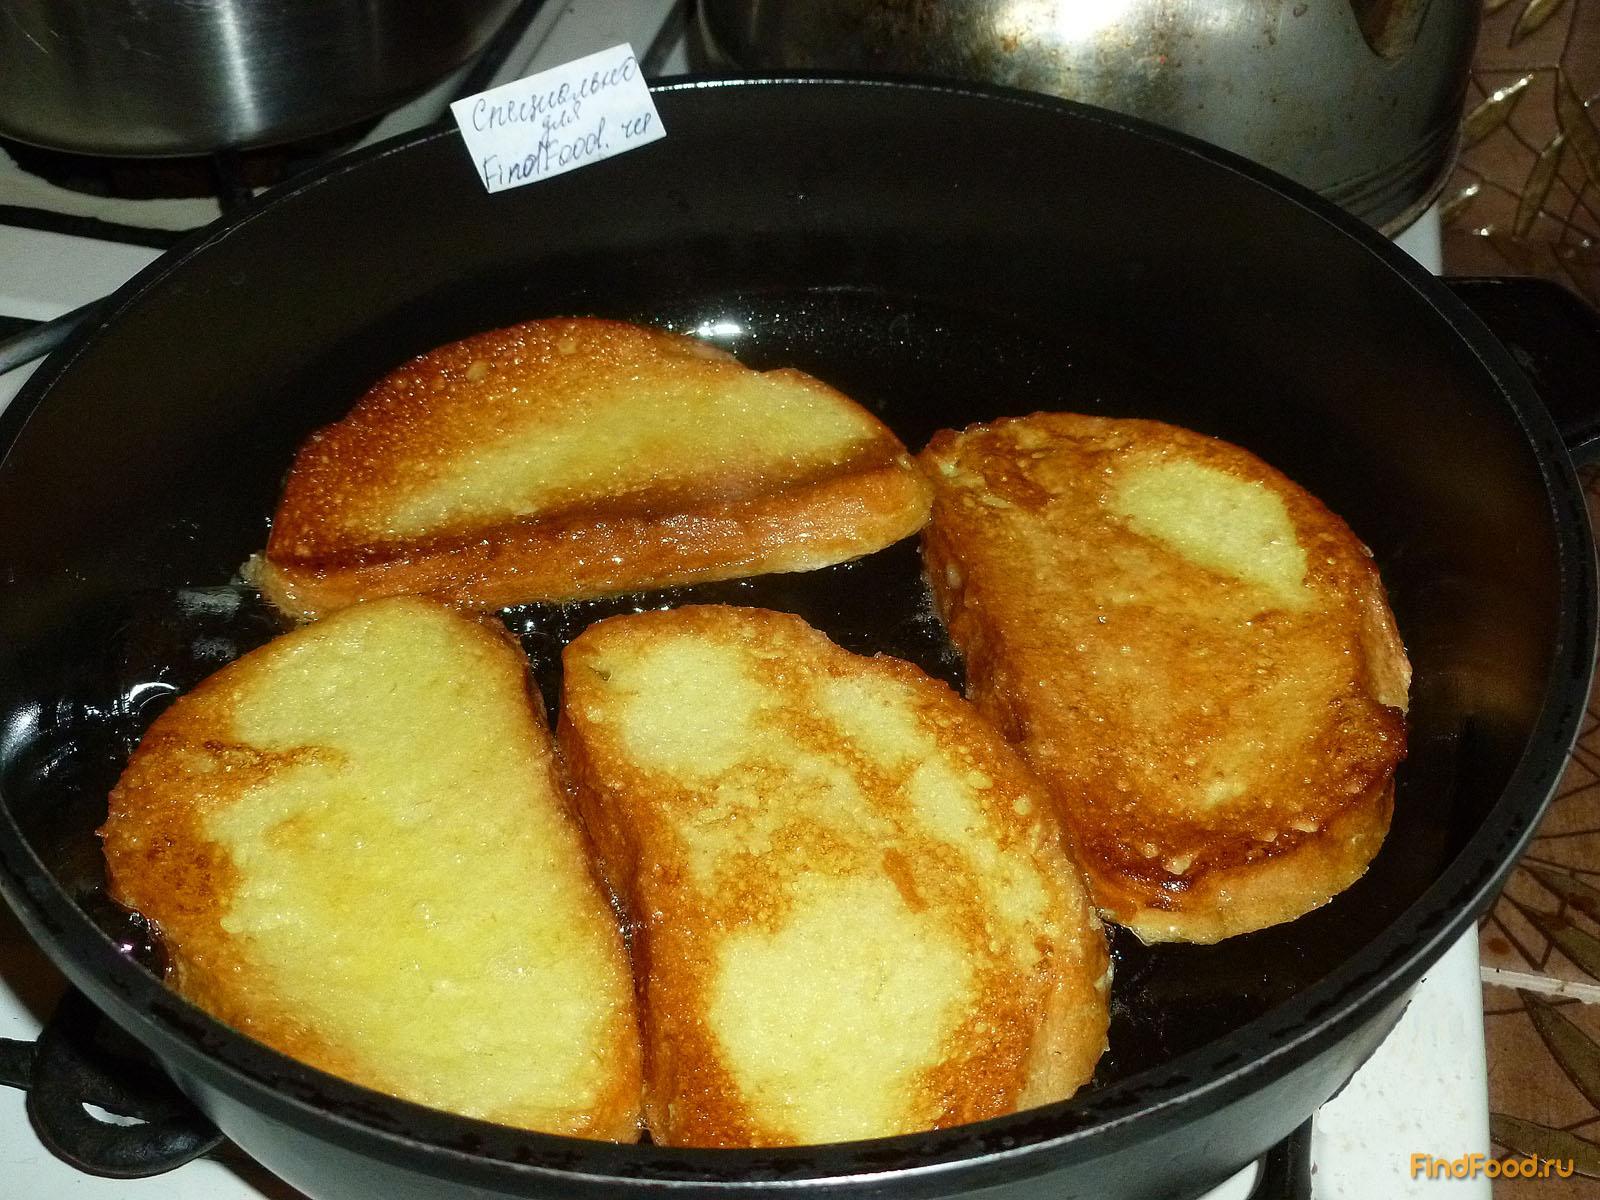 Сладкие гренки в яйце рецепт с пошагово